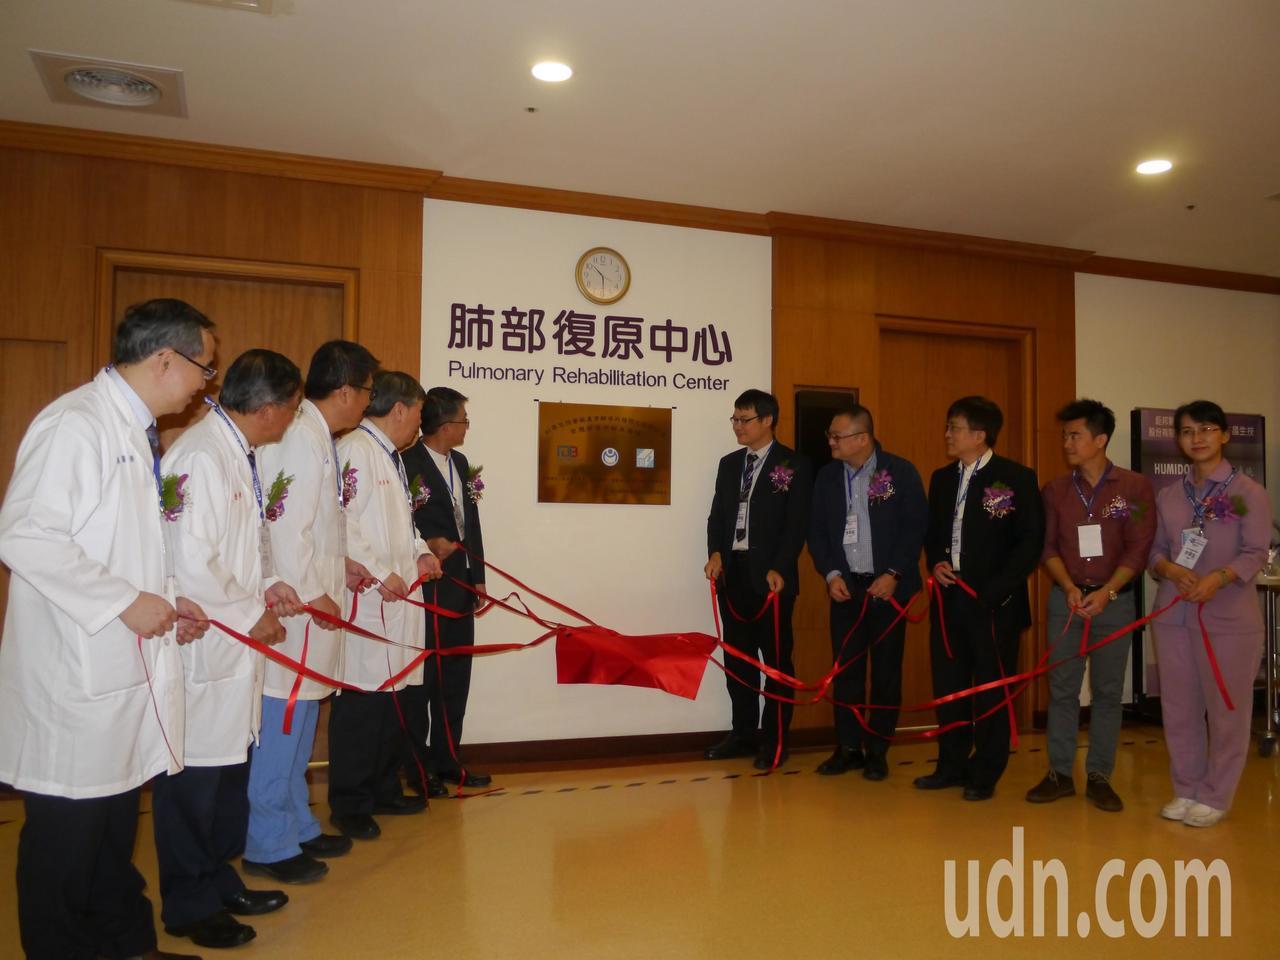 義大癌治療醫院成立「肺部復原中心」,打造智慧化臨床場域。記者徐白櫻/攝影